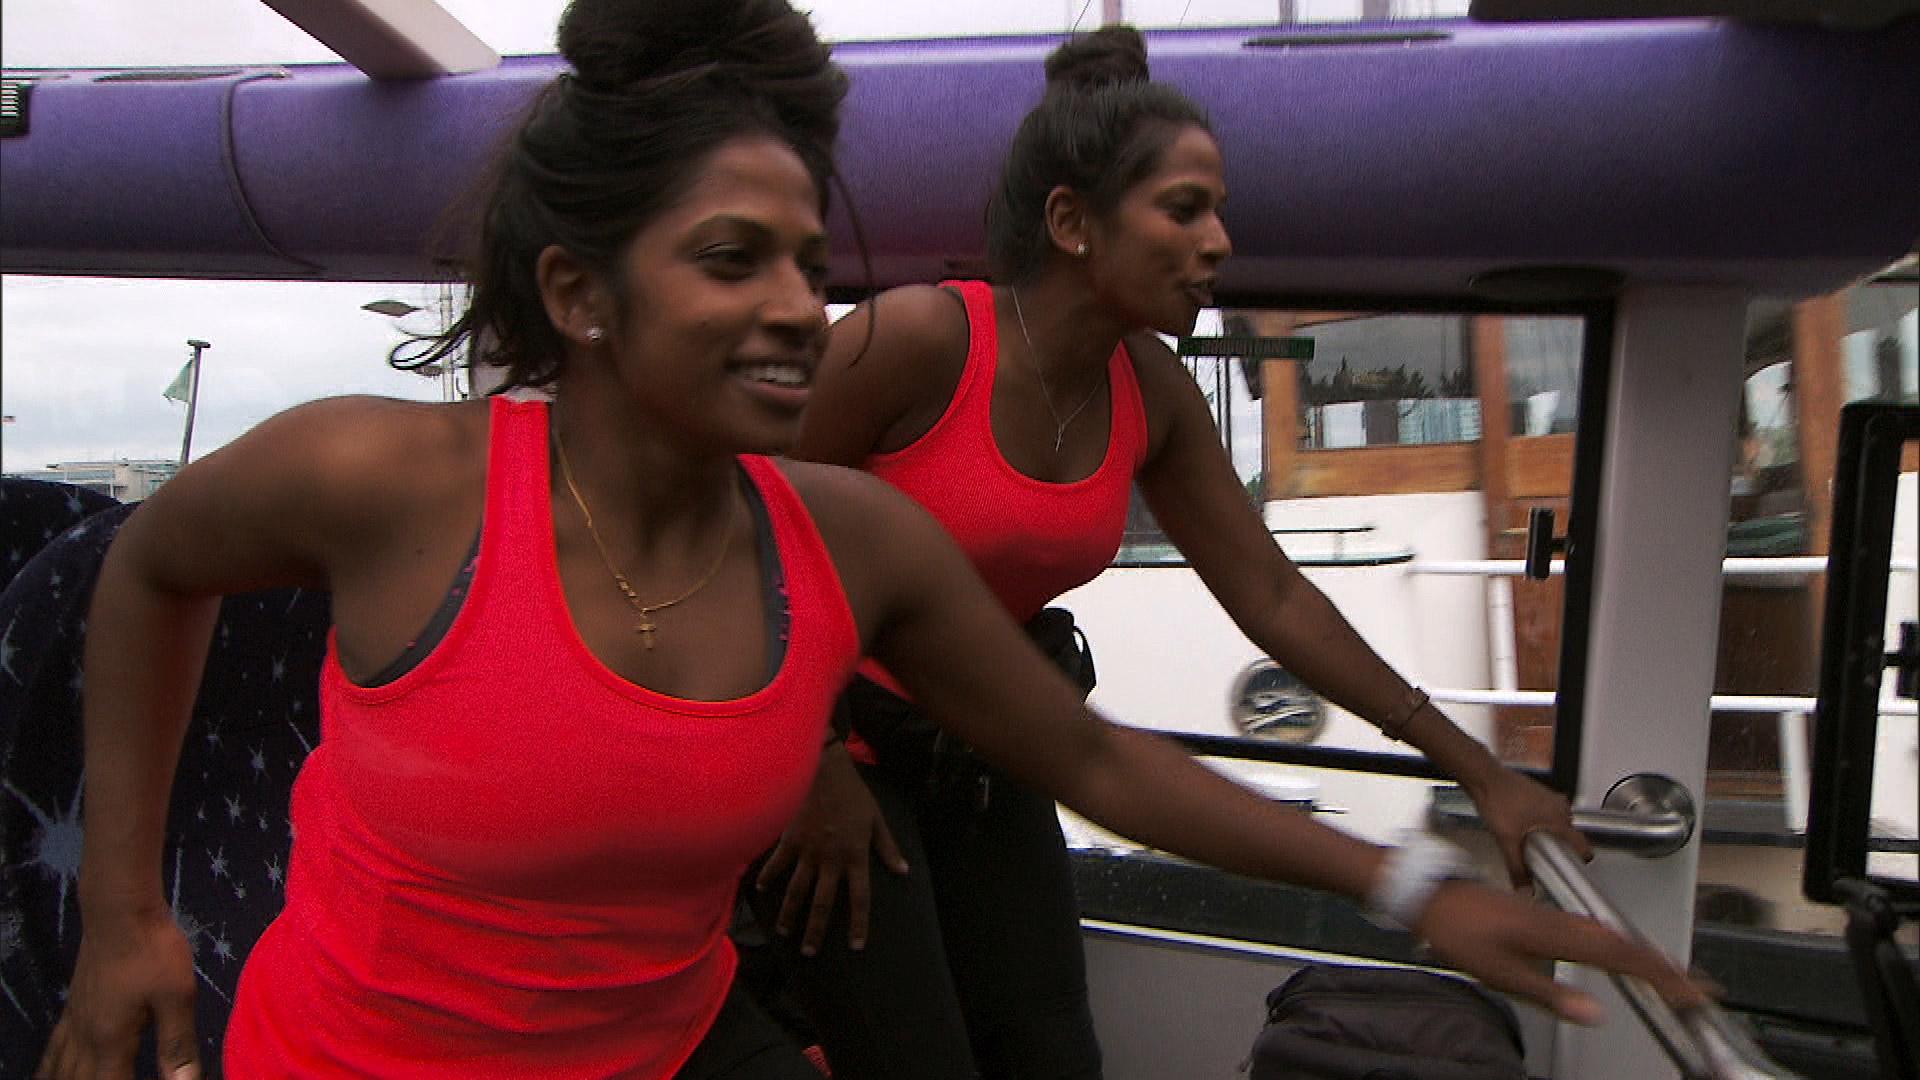 Natalie and Nadiya